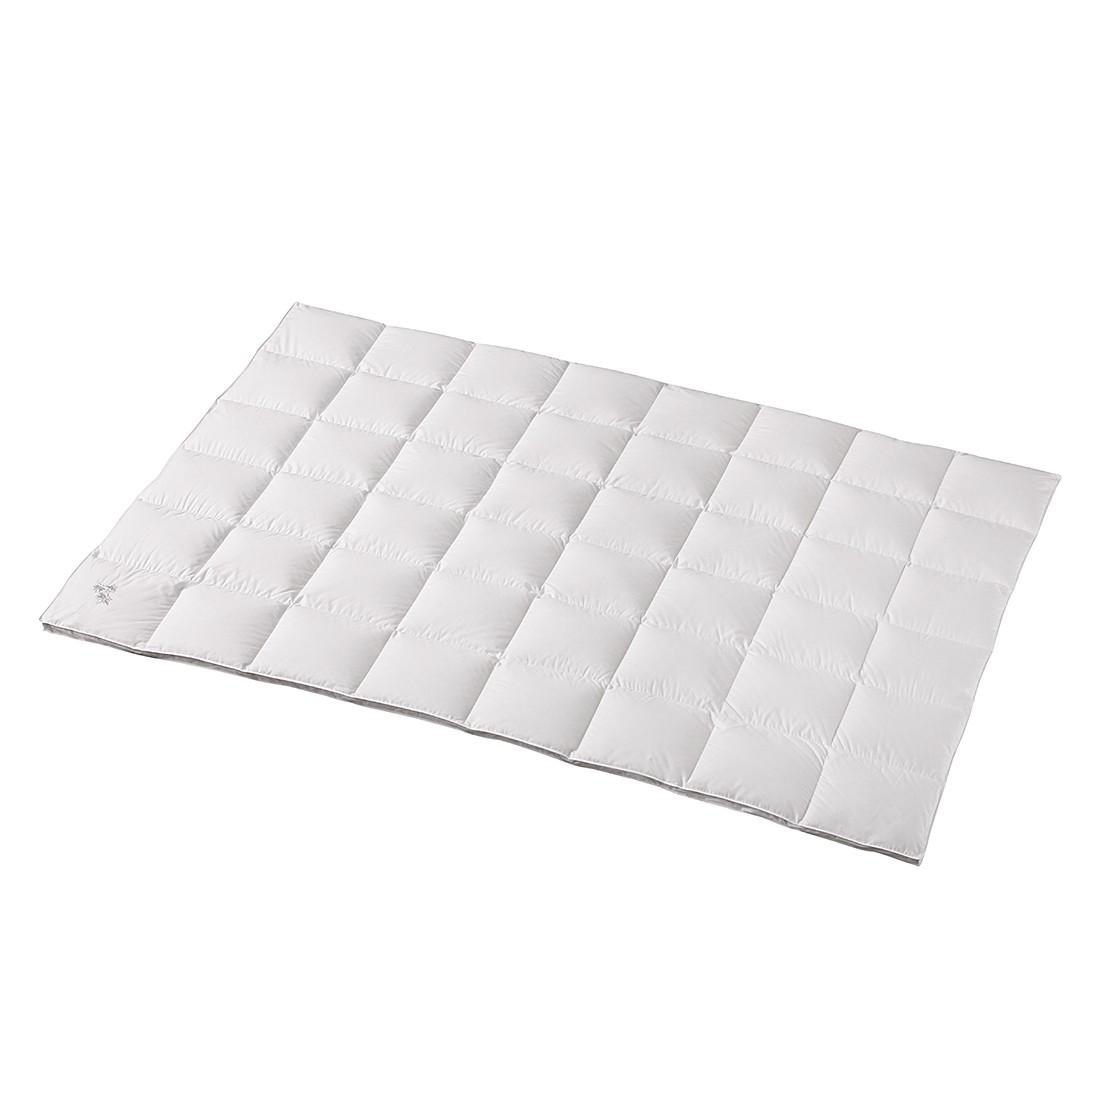 Bettdecke White Goose – 200 x 200 cm – Medium – Kassettendecke, Balette günstig online kaufen